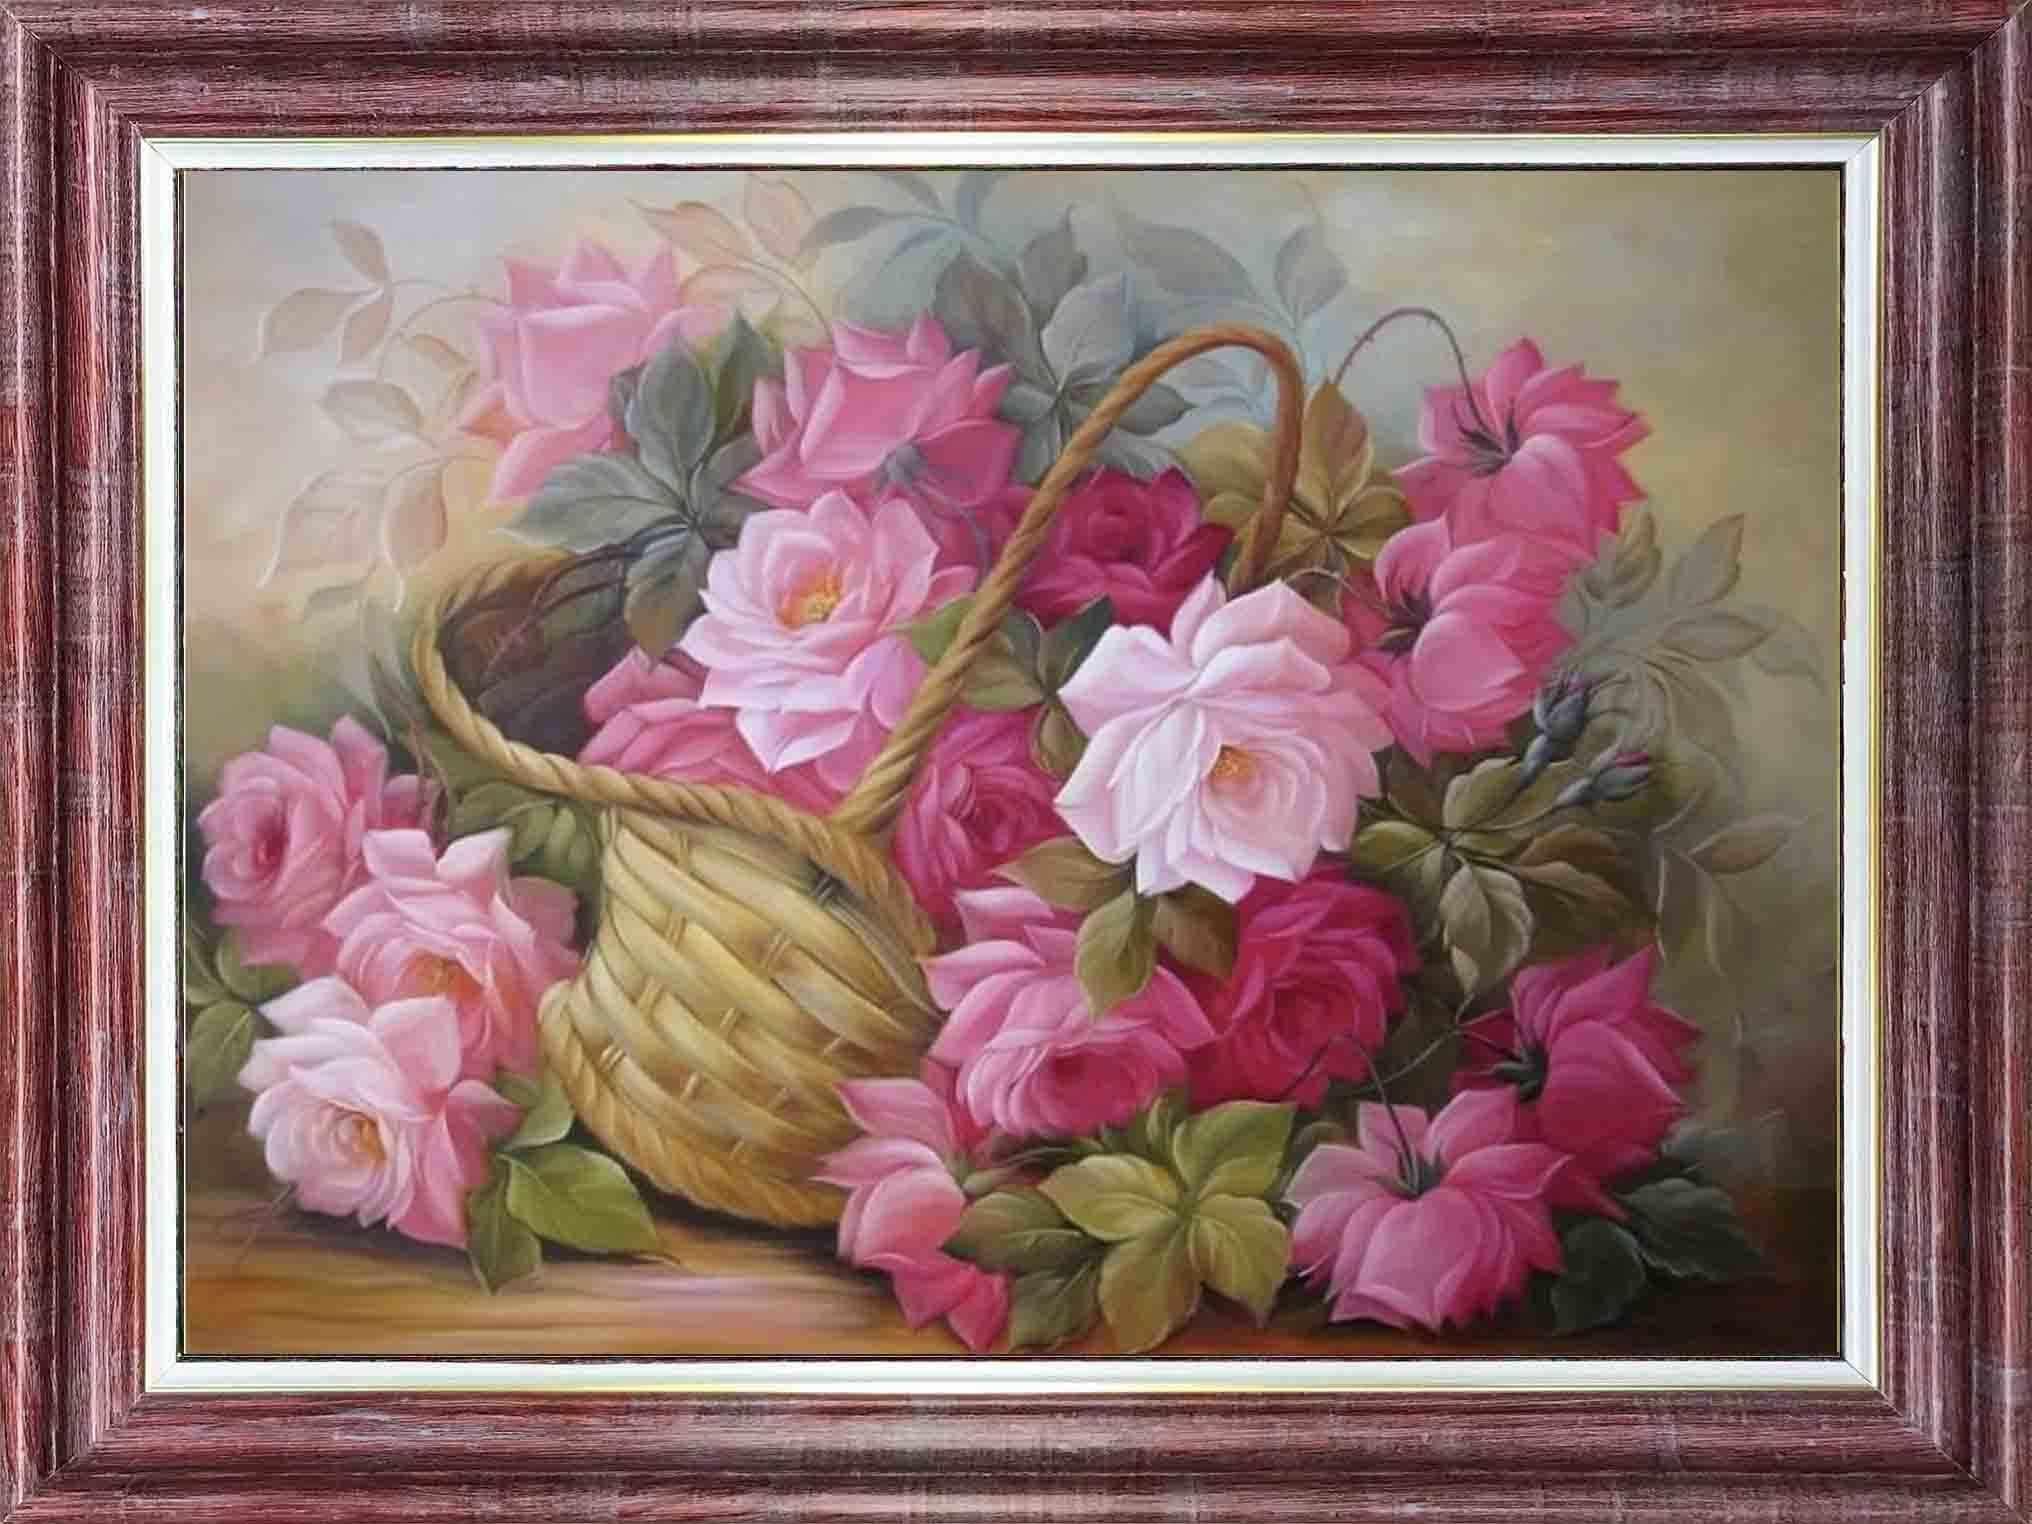 КЛ 3039 Розы в корзине - схема для вышивания (Каролинка)